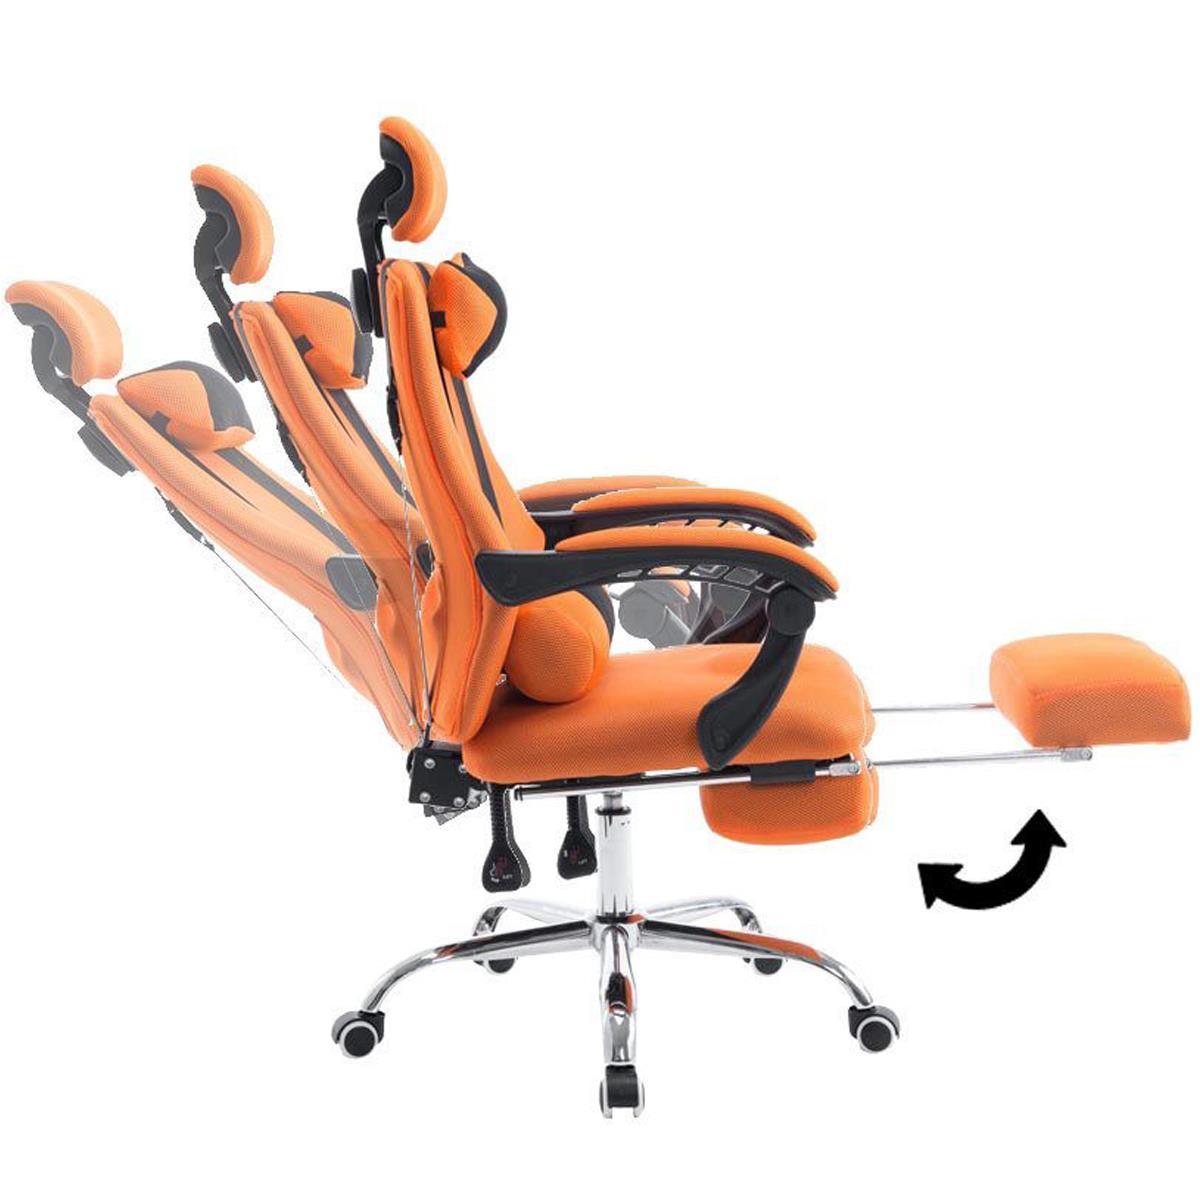 Poltrona Ufficio Arancione.Poltrona Gaming Antares Reclinabile In Varie Posizioni